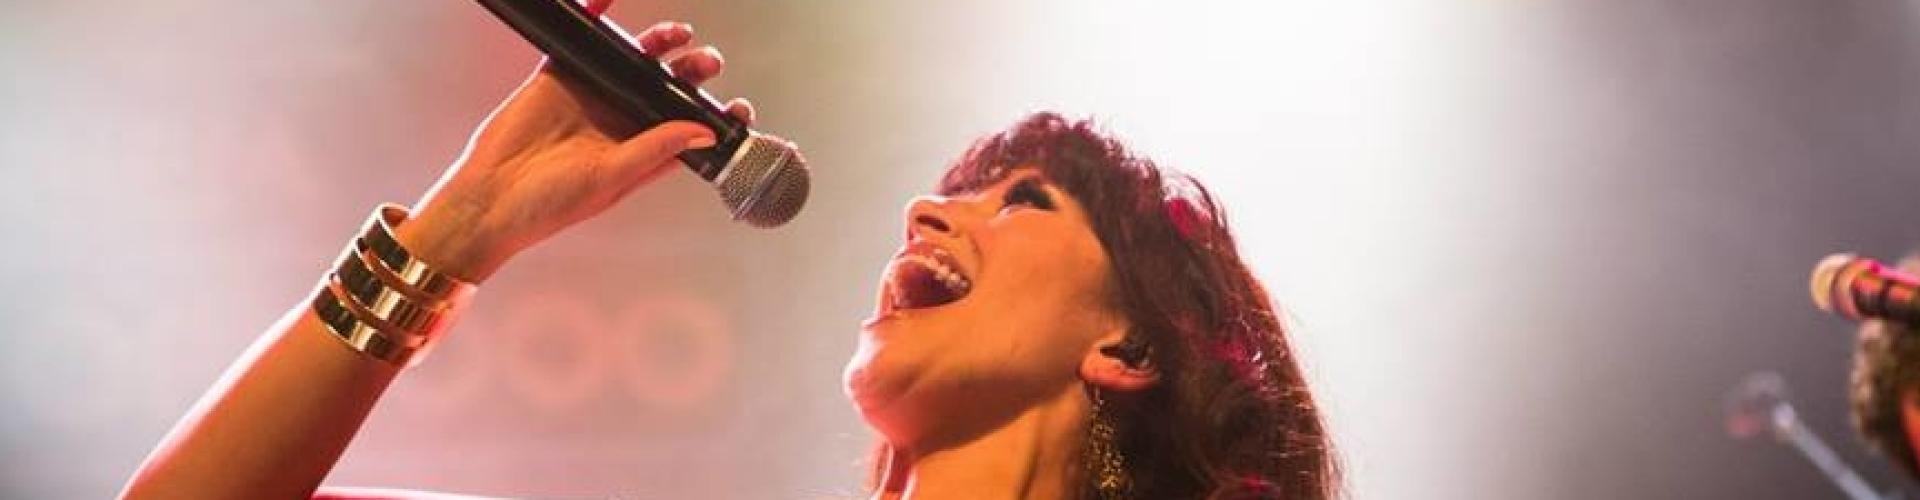 Vocaliste Erica huren als zangeres of MC voor elk type feest